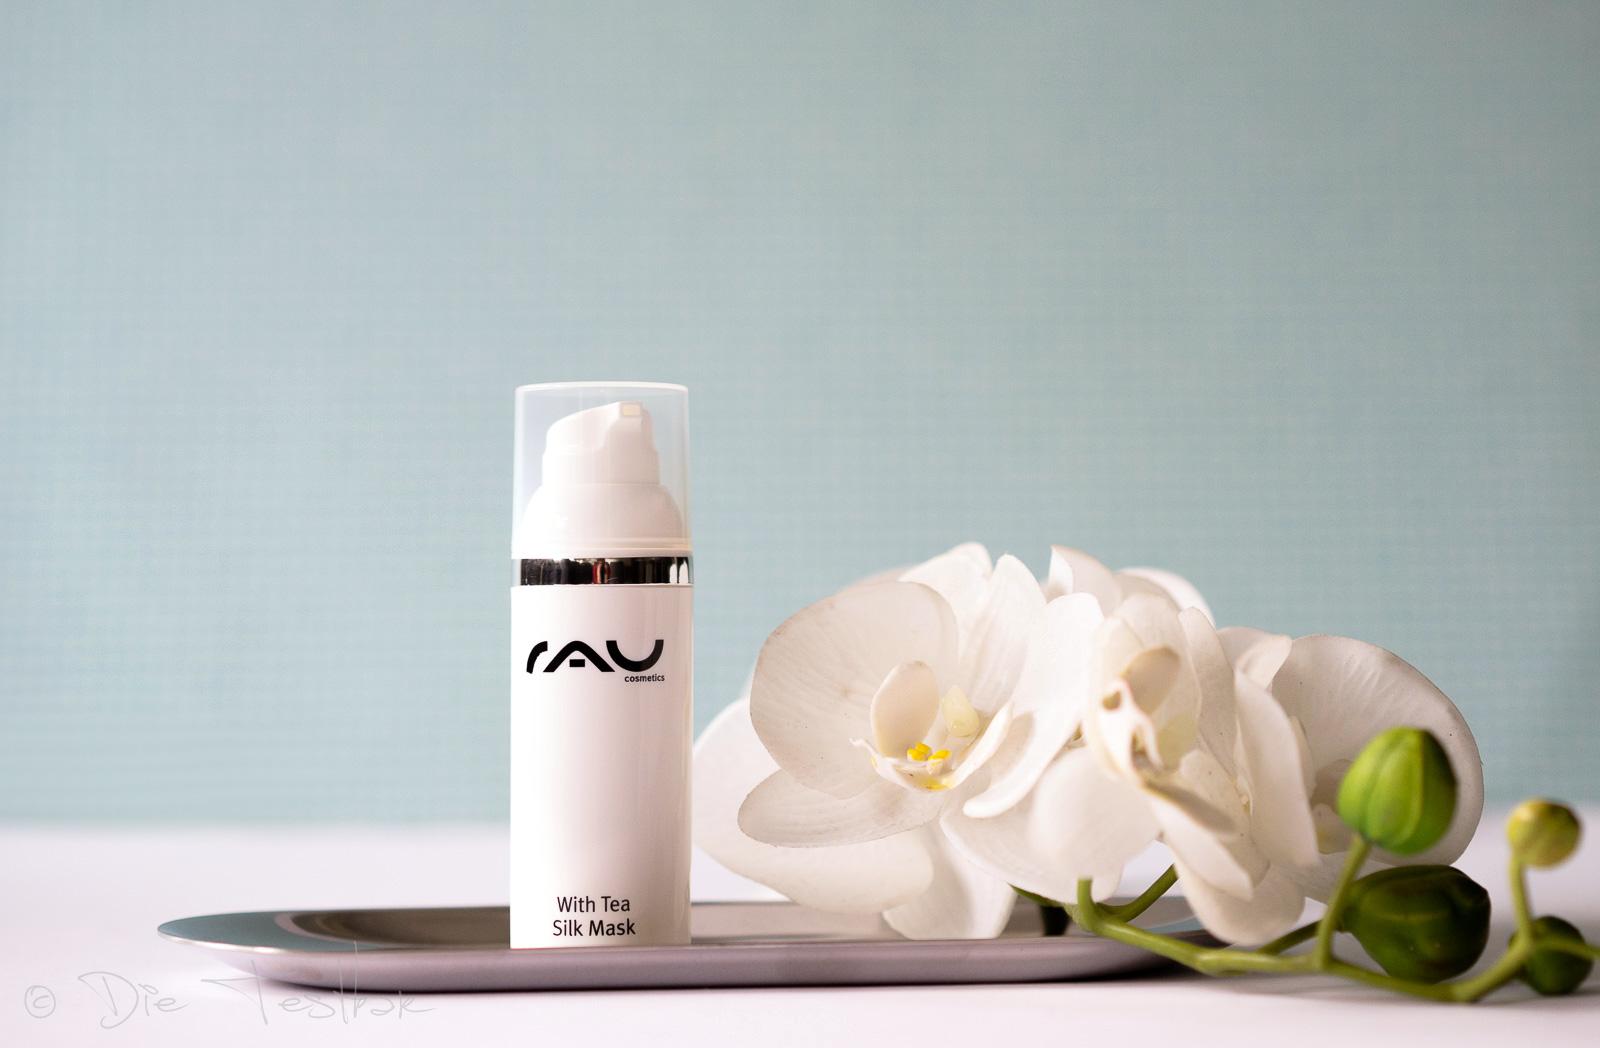 RAU White Tea Silk Mask 50 ml - mit Seidenproteinen, Weißem Tee, Panthenol & Sheabutter